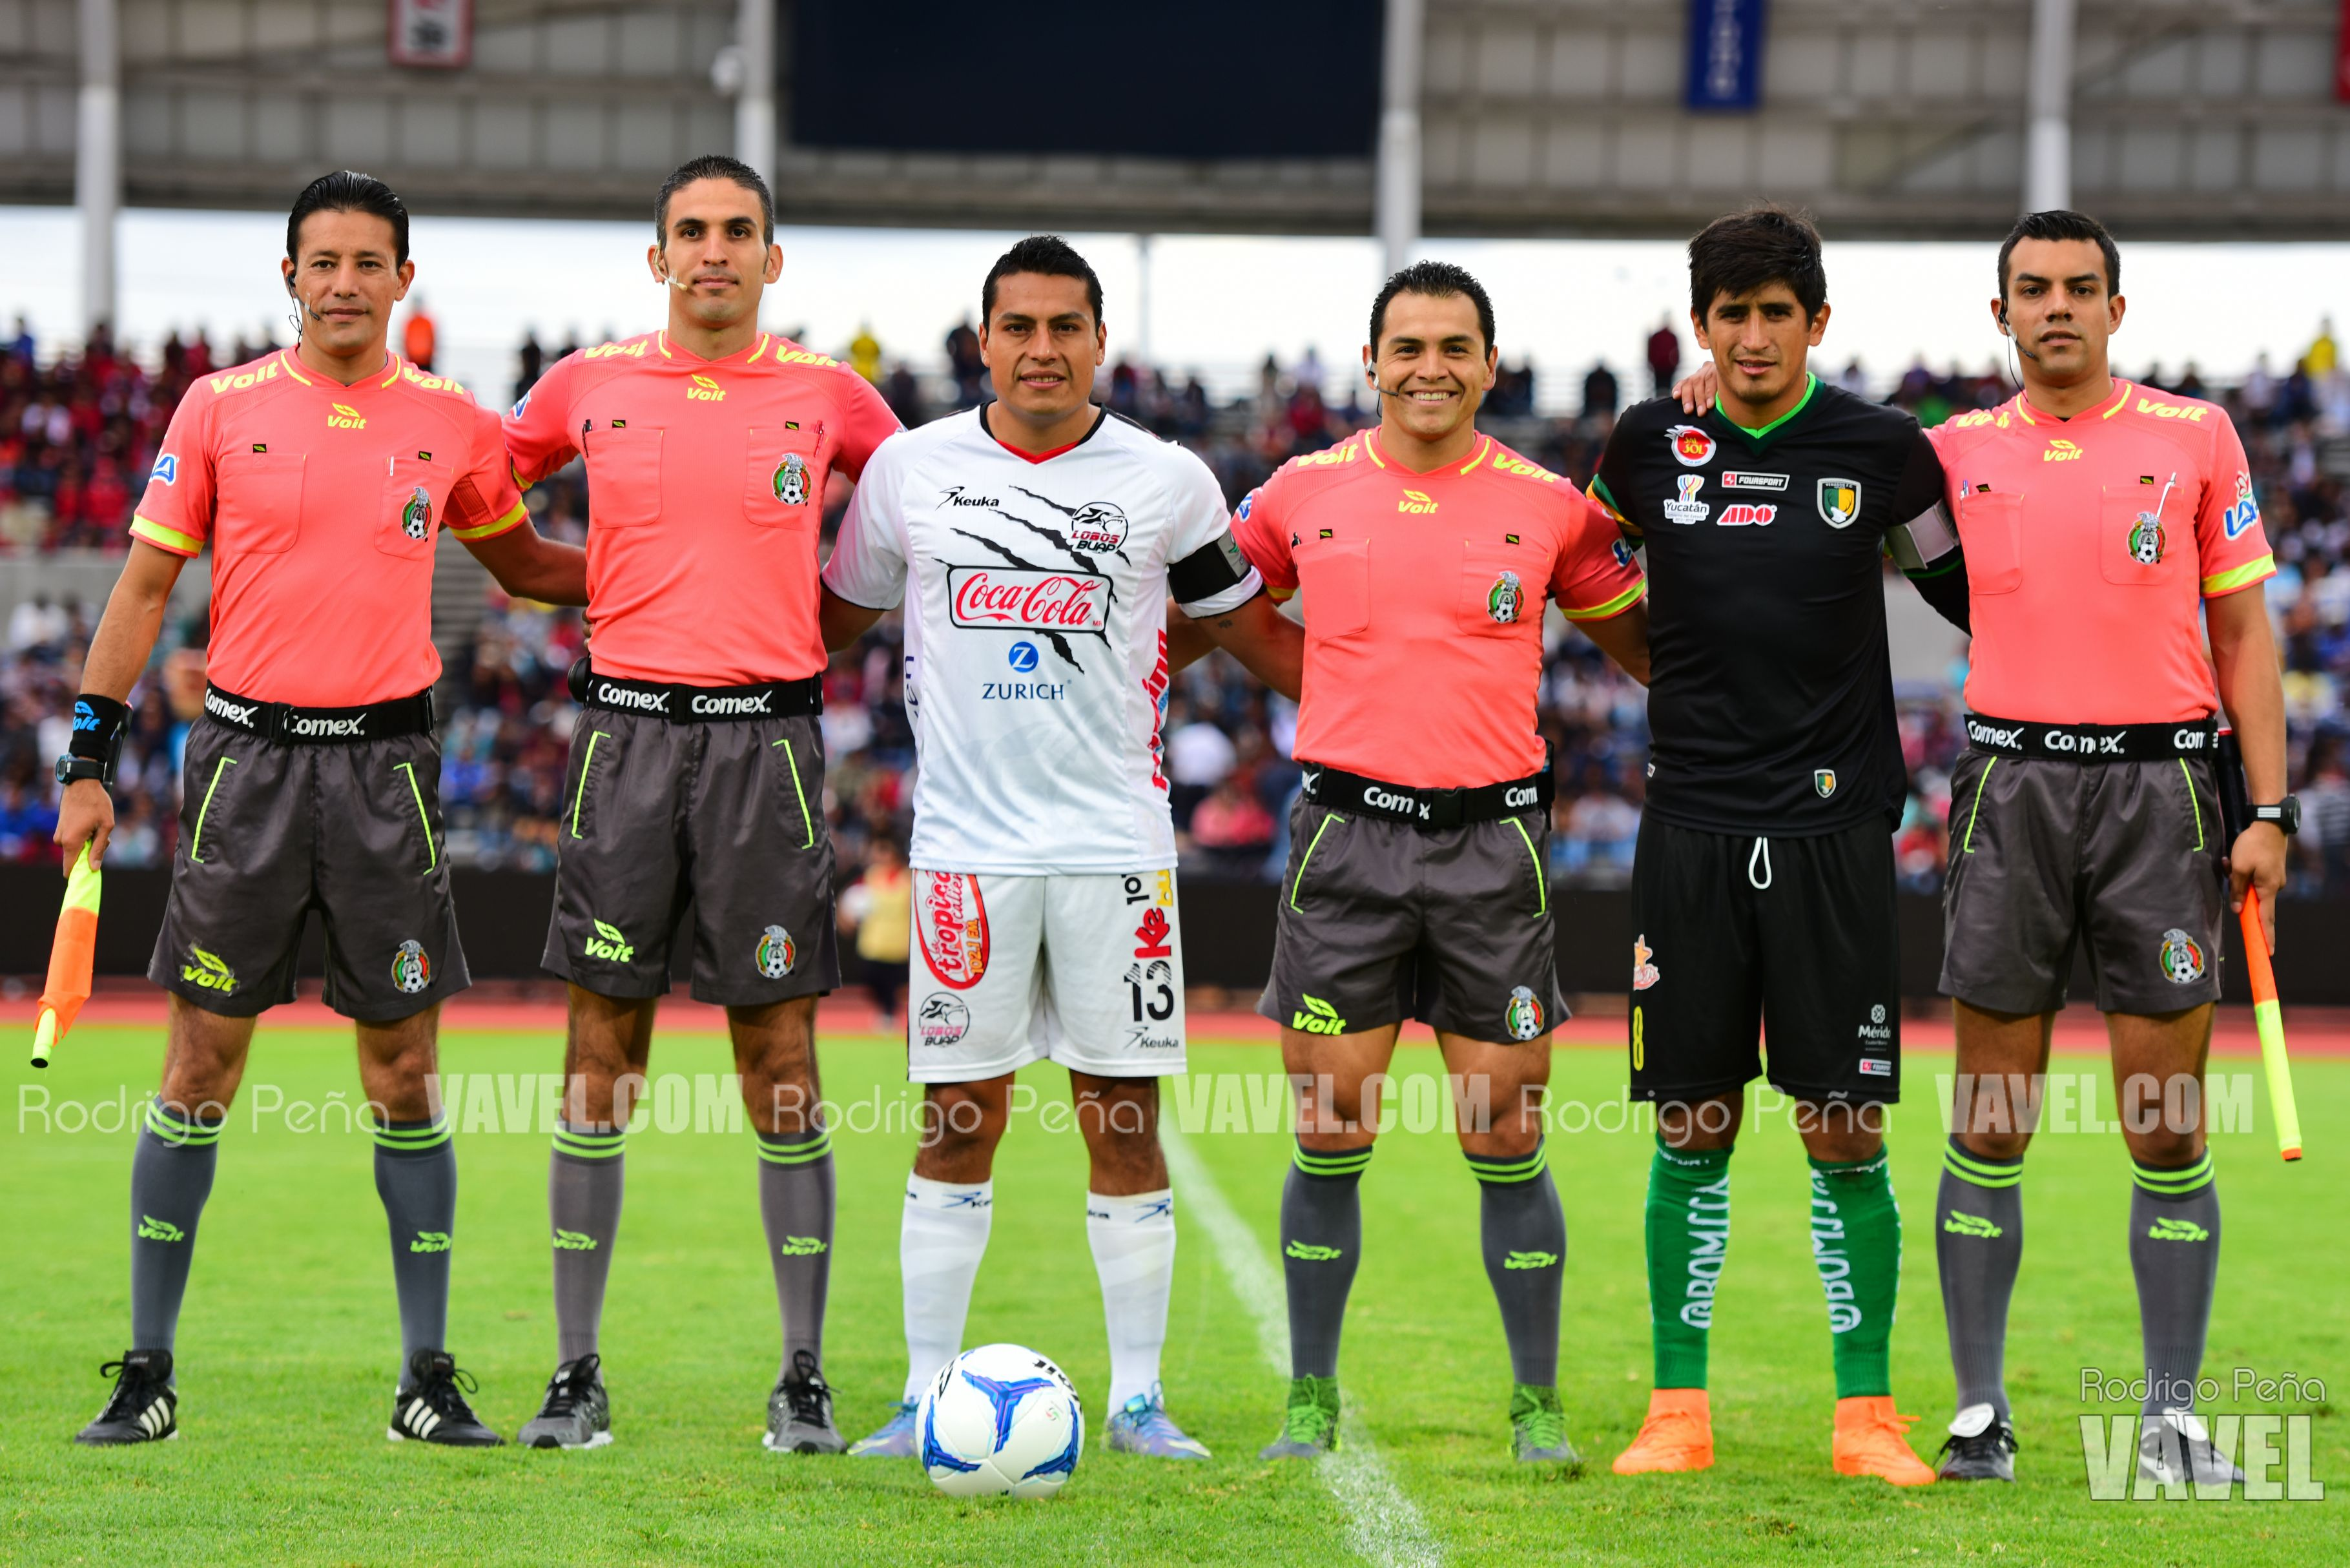 Omar Tejeda, Aldo Polo